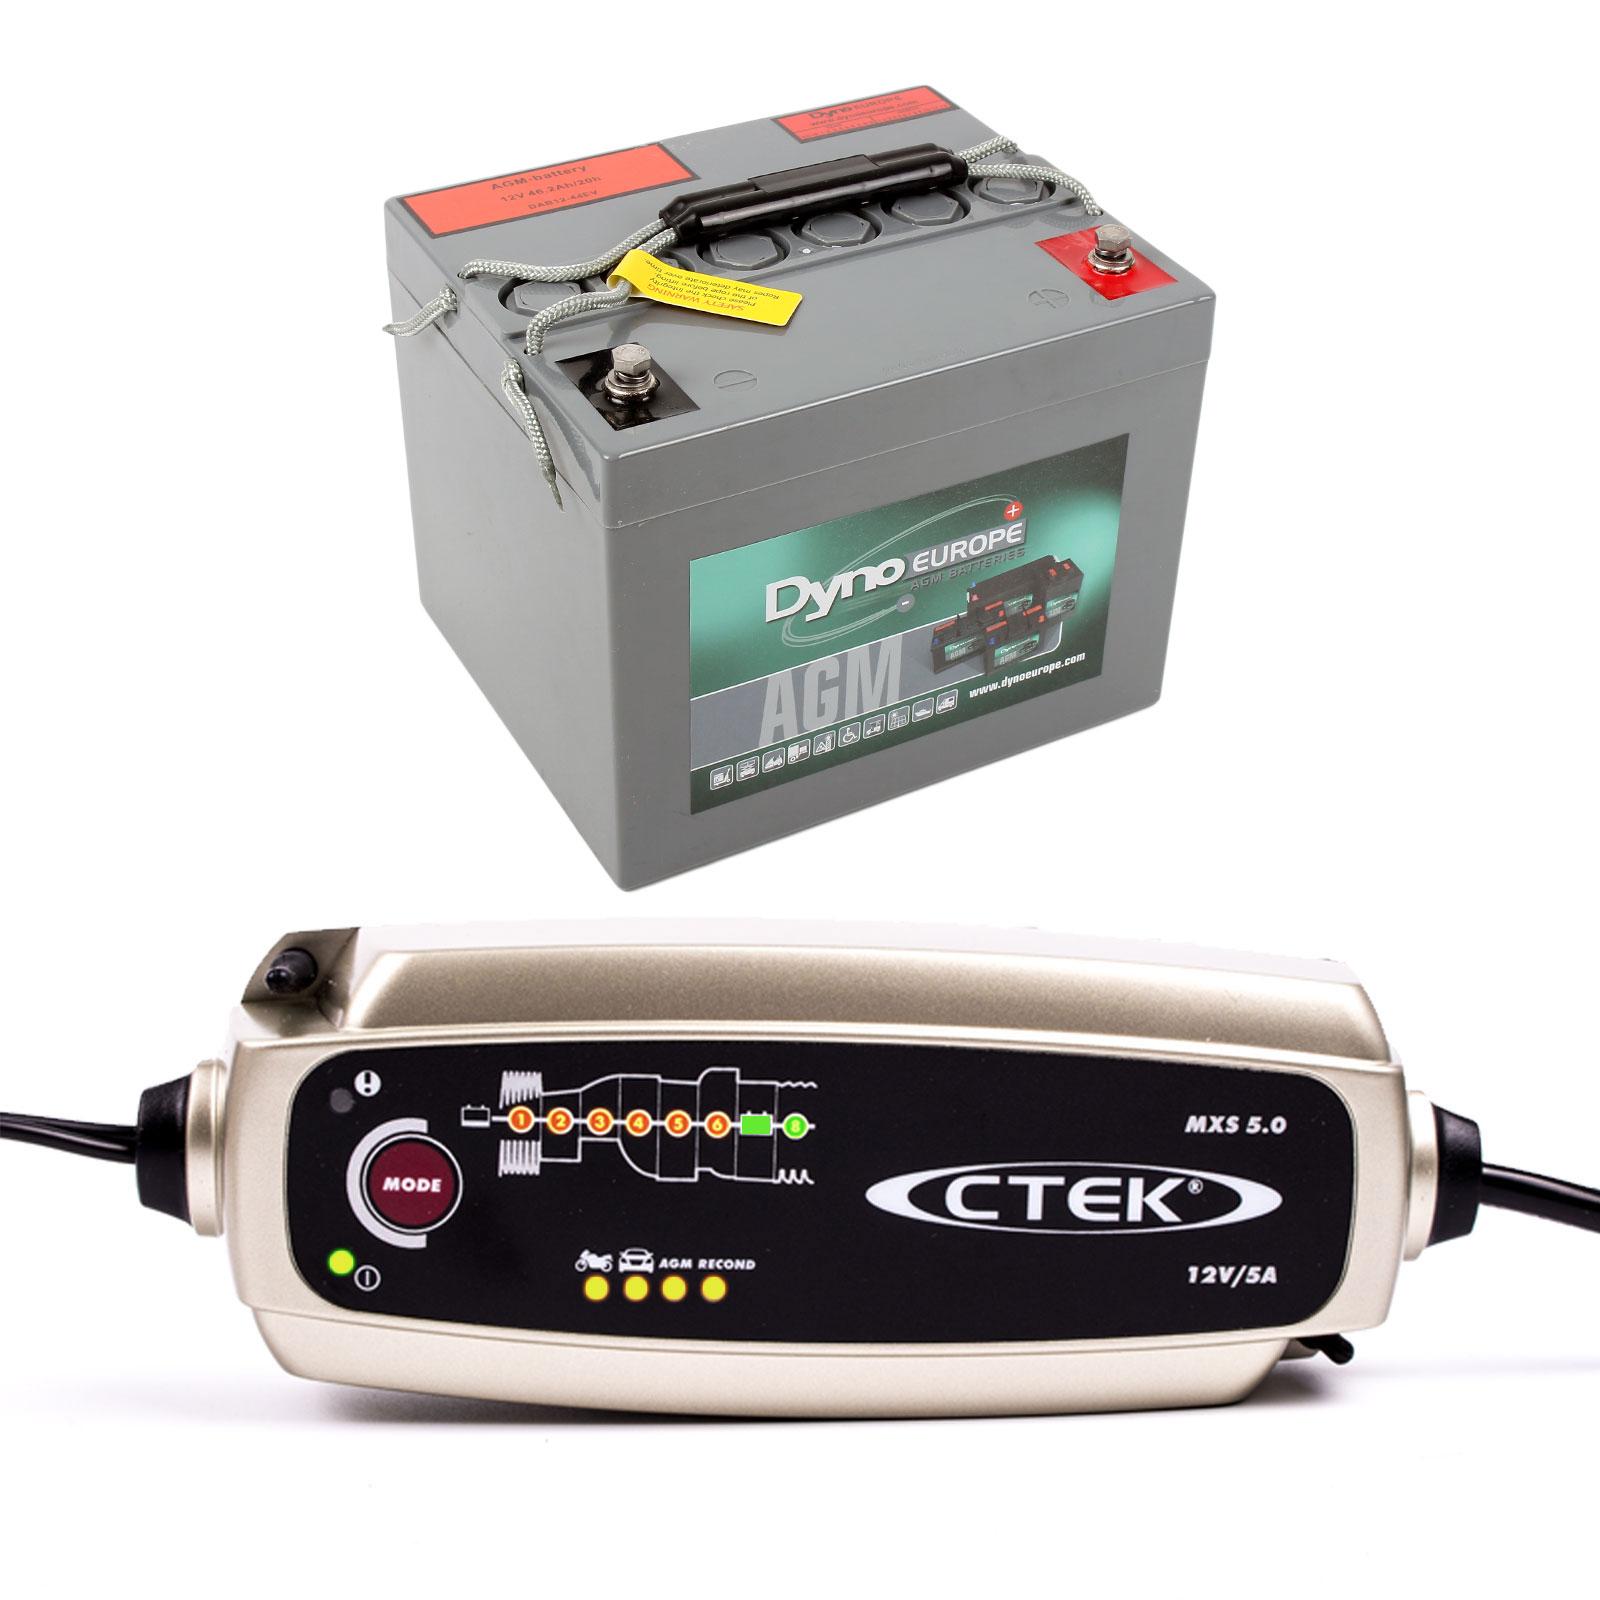 Batterieset für elektrische Wohnwagen Rangierhilfe 40 Ah , inkl C-tek Ladegerät